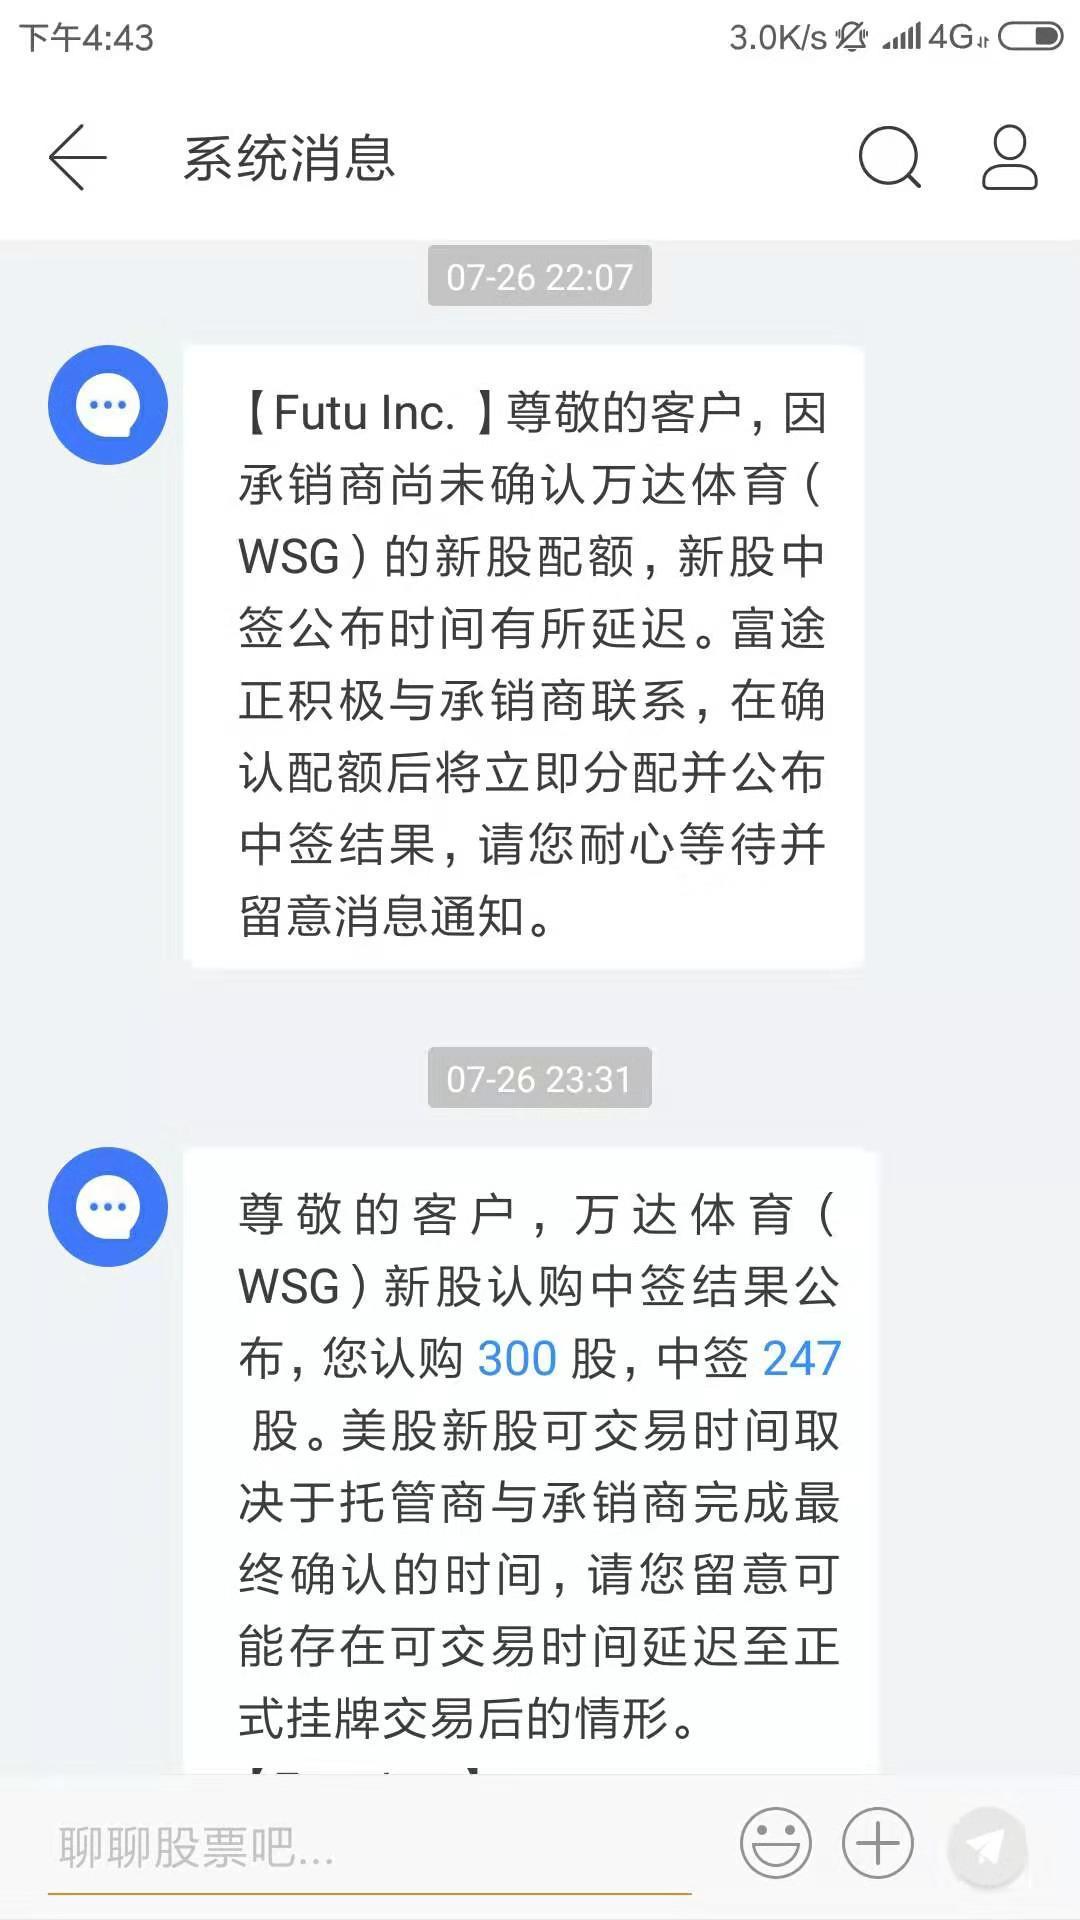 http://garyesegal.com/caijingjingji/1833260.html